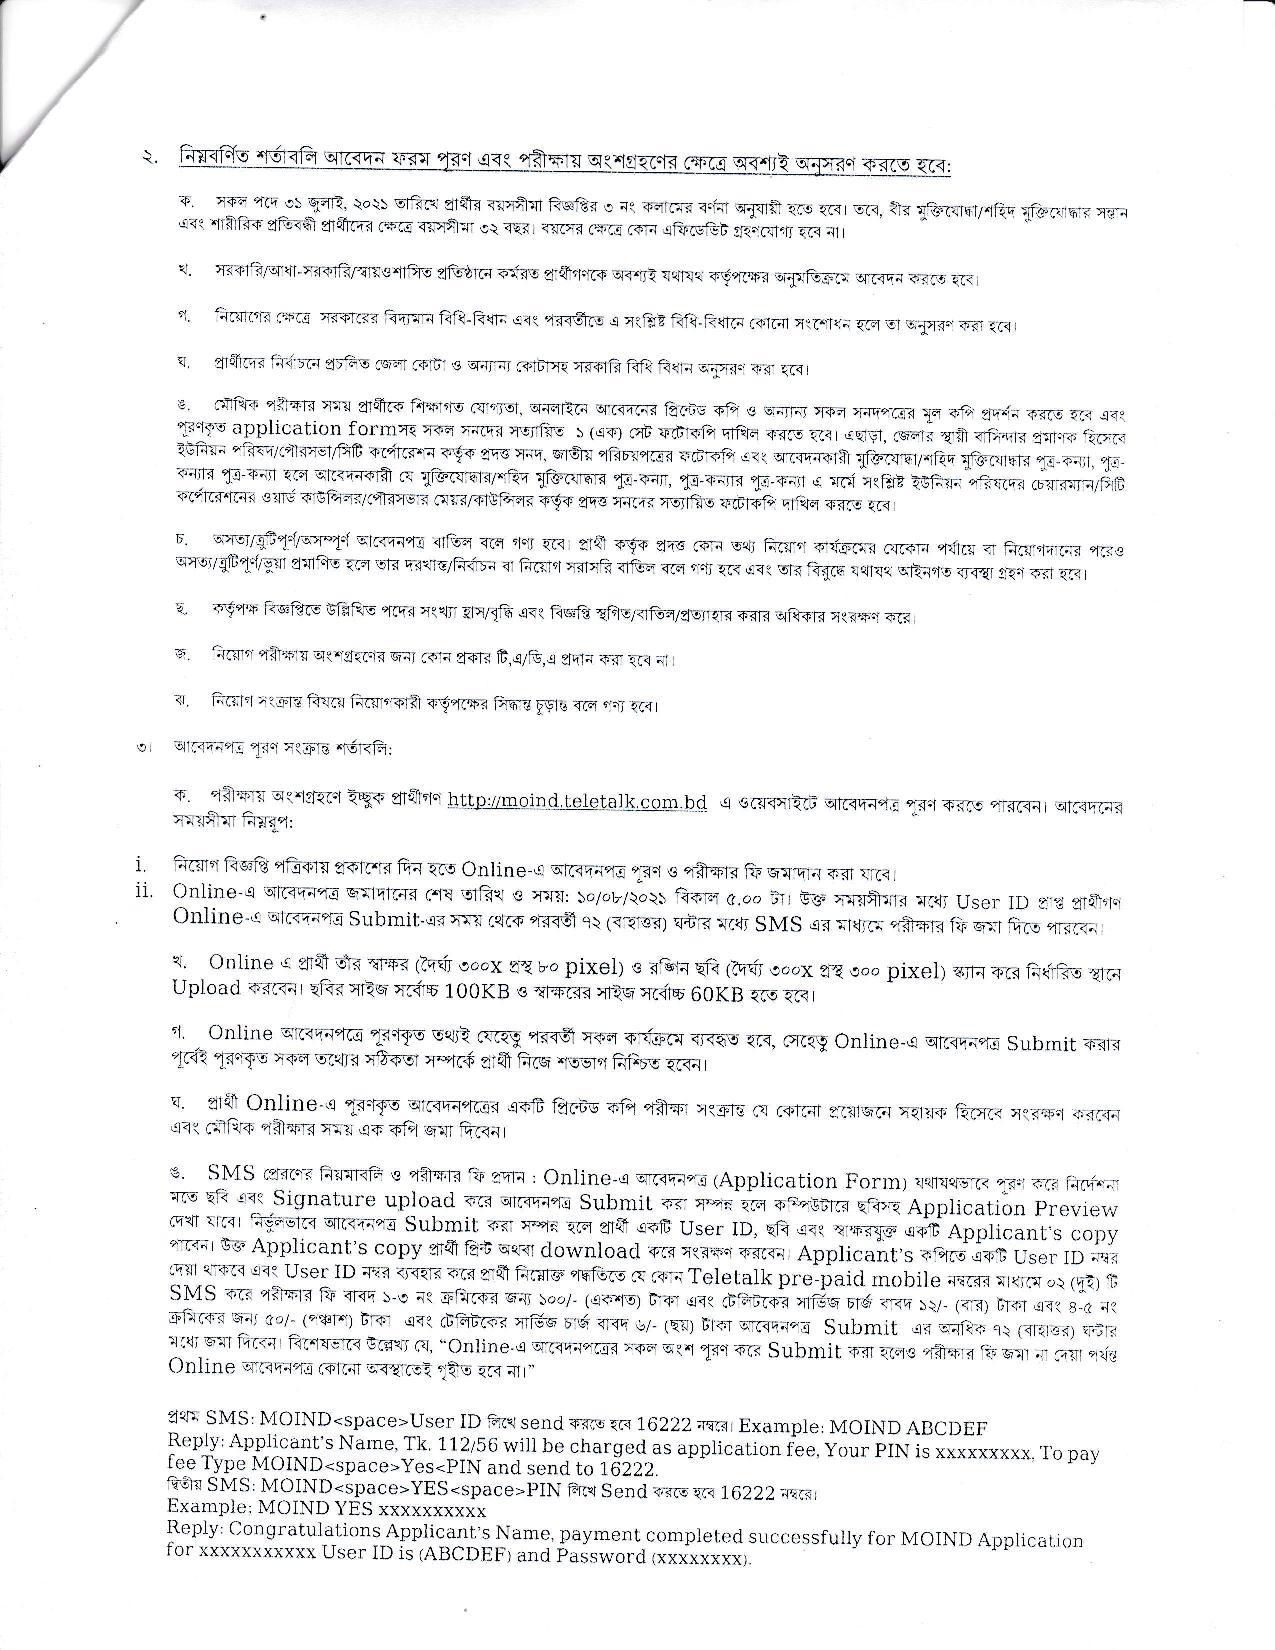 শিল্প মন্ত্রণালয় নিয়োগ বিজ্ঞপ্তি ২০২১ - Ministry of Industries Job Circular 2021 - সরকারি চাকরির খবর ২০২১